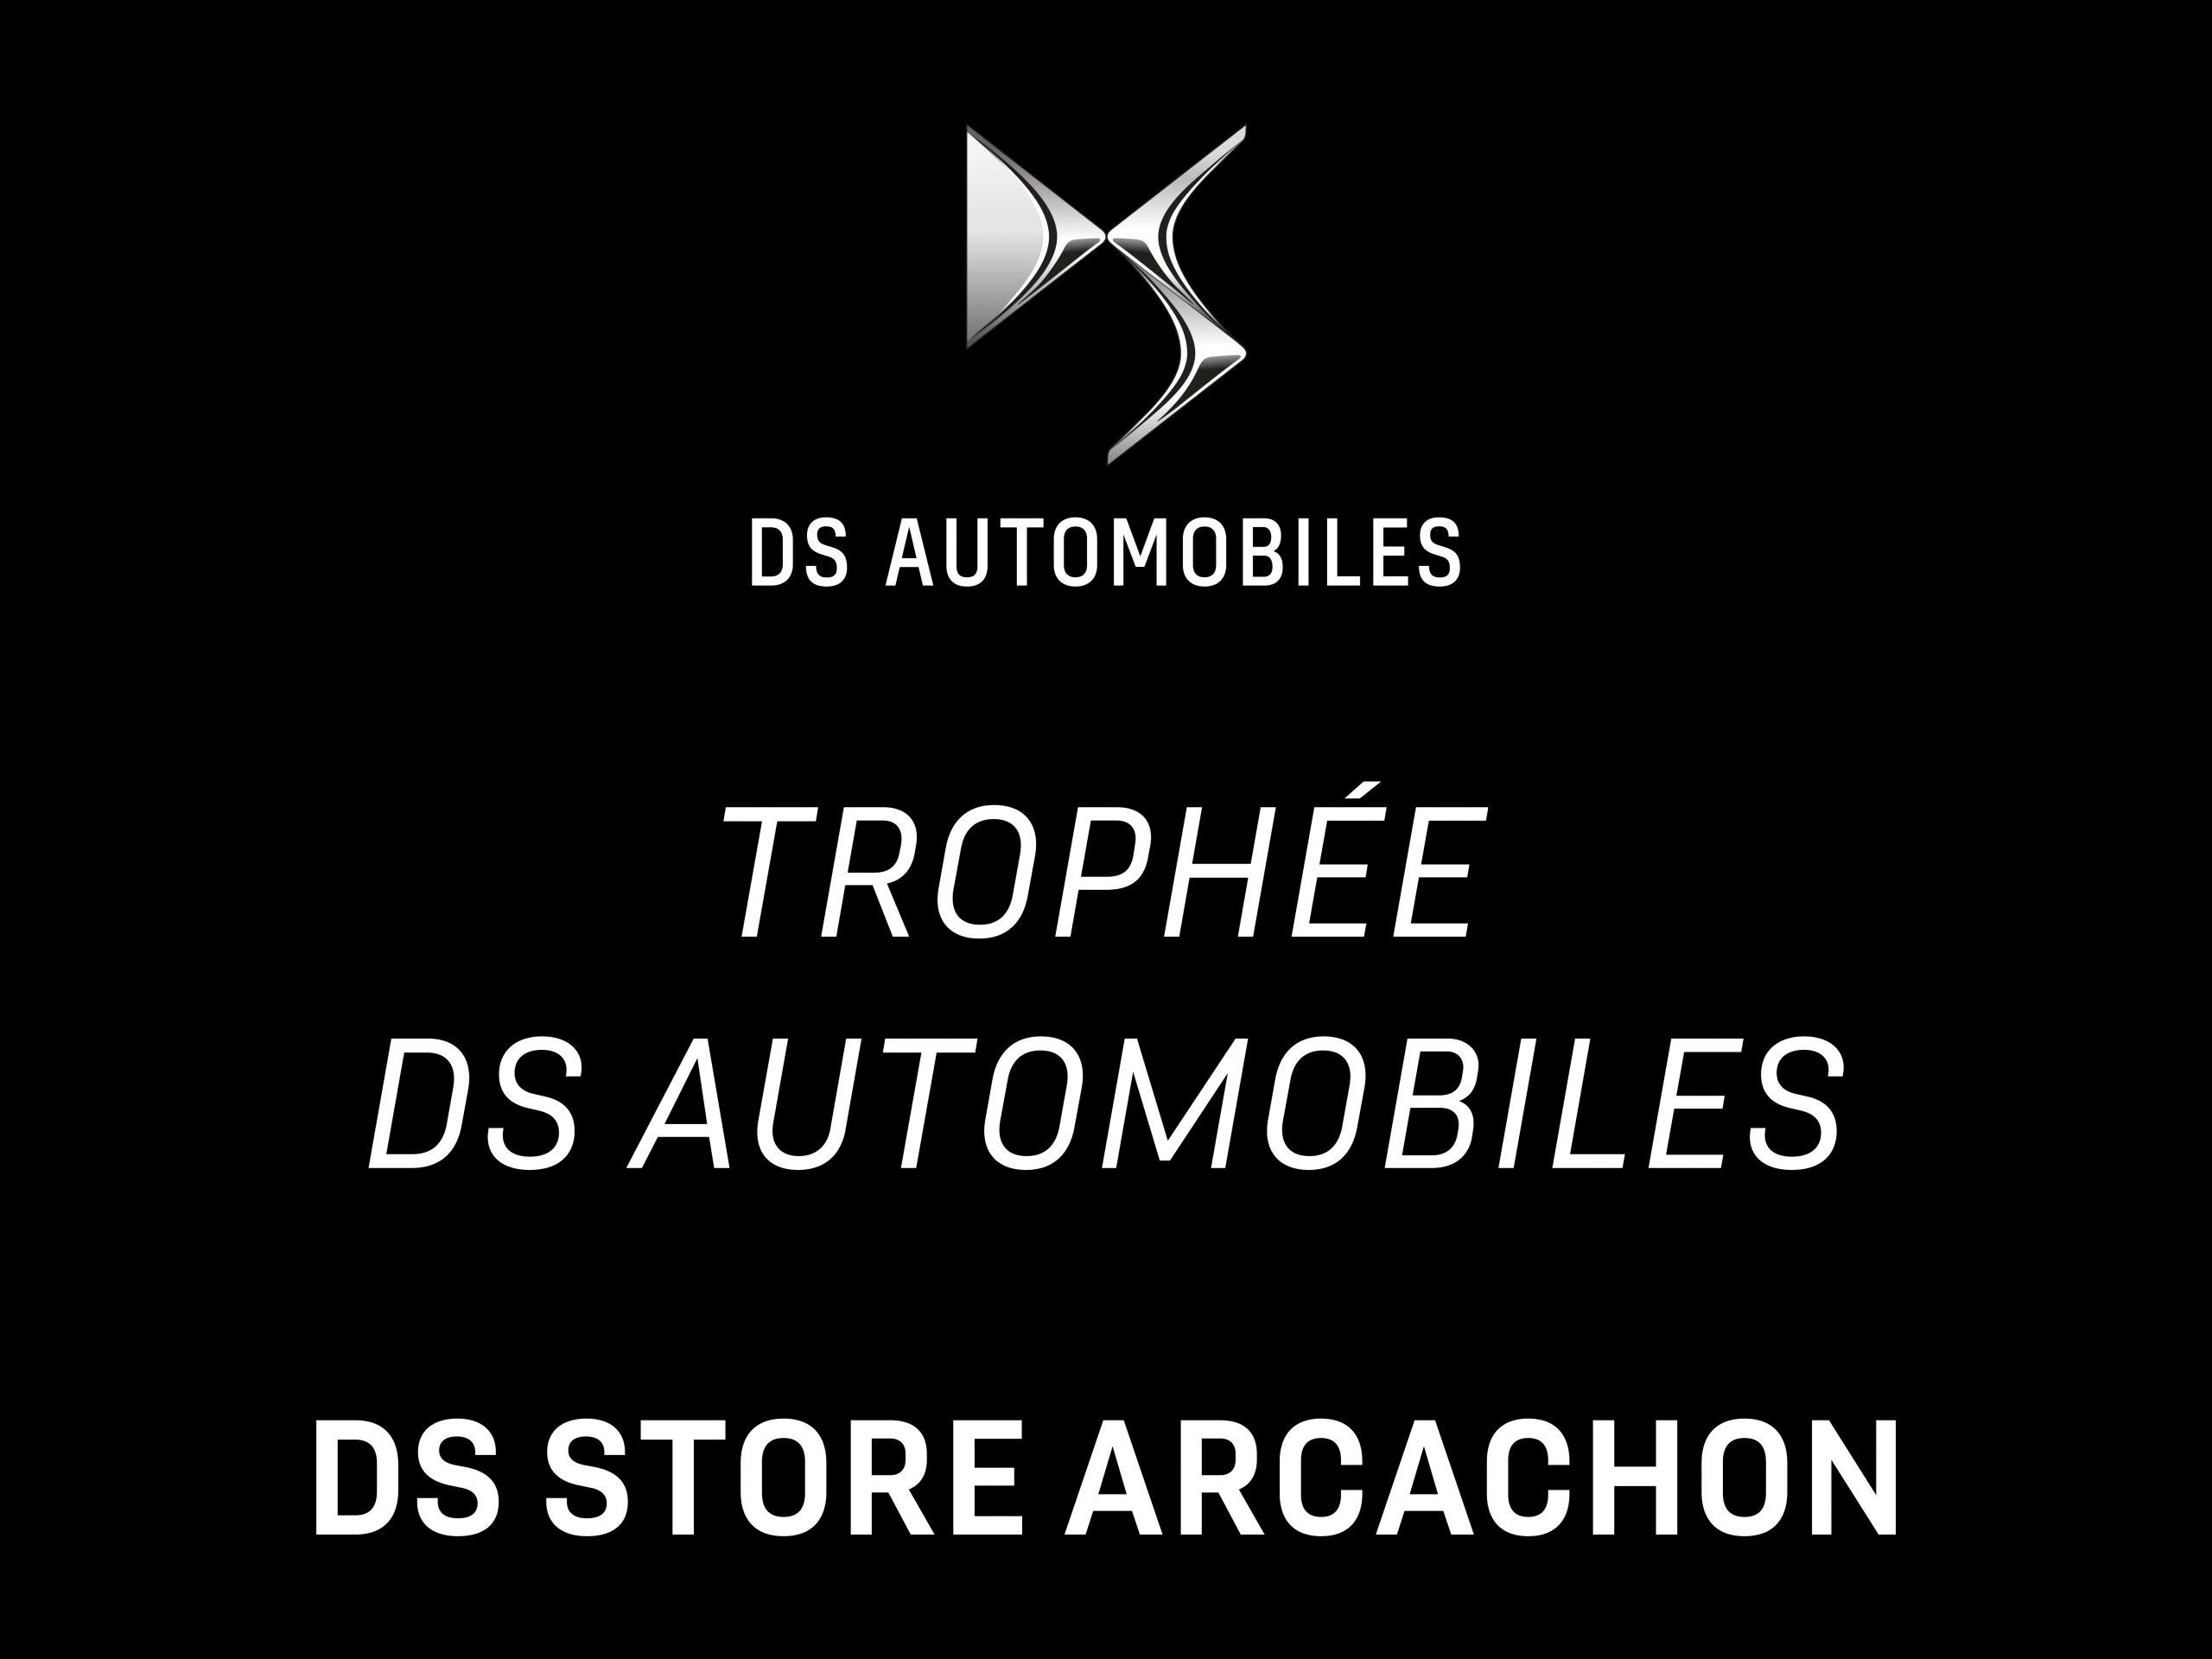 DS STORE ARCACHON